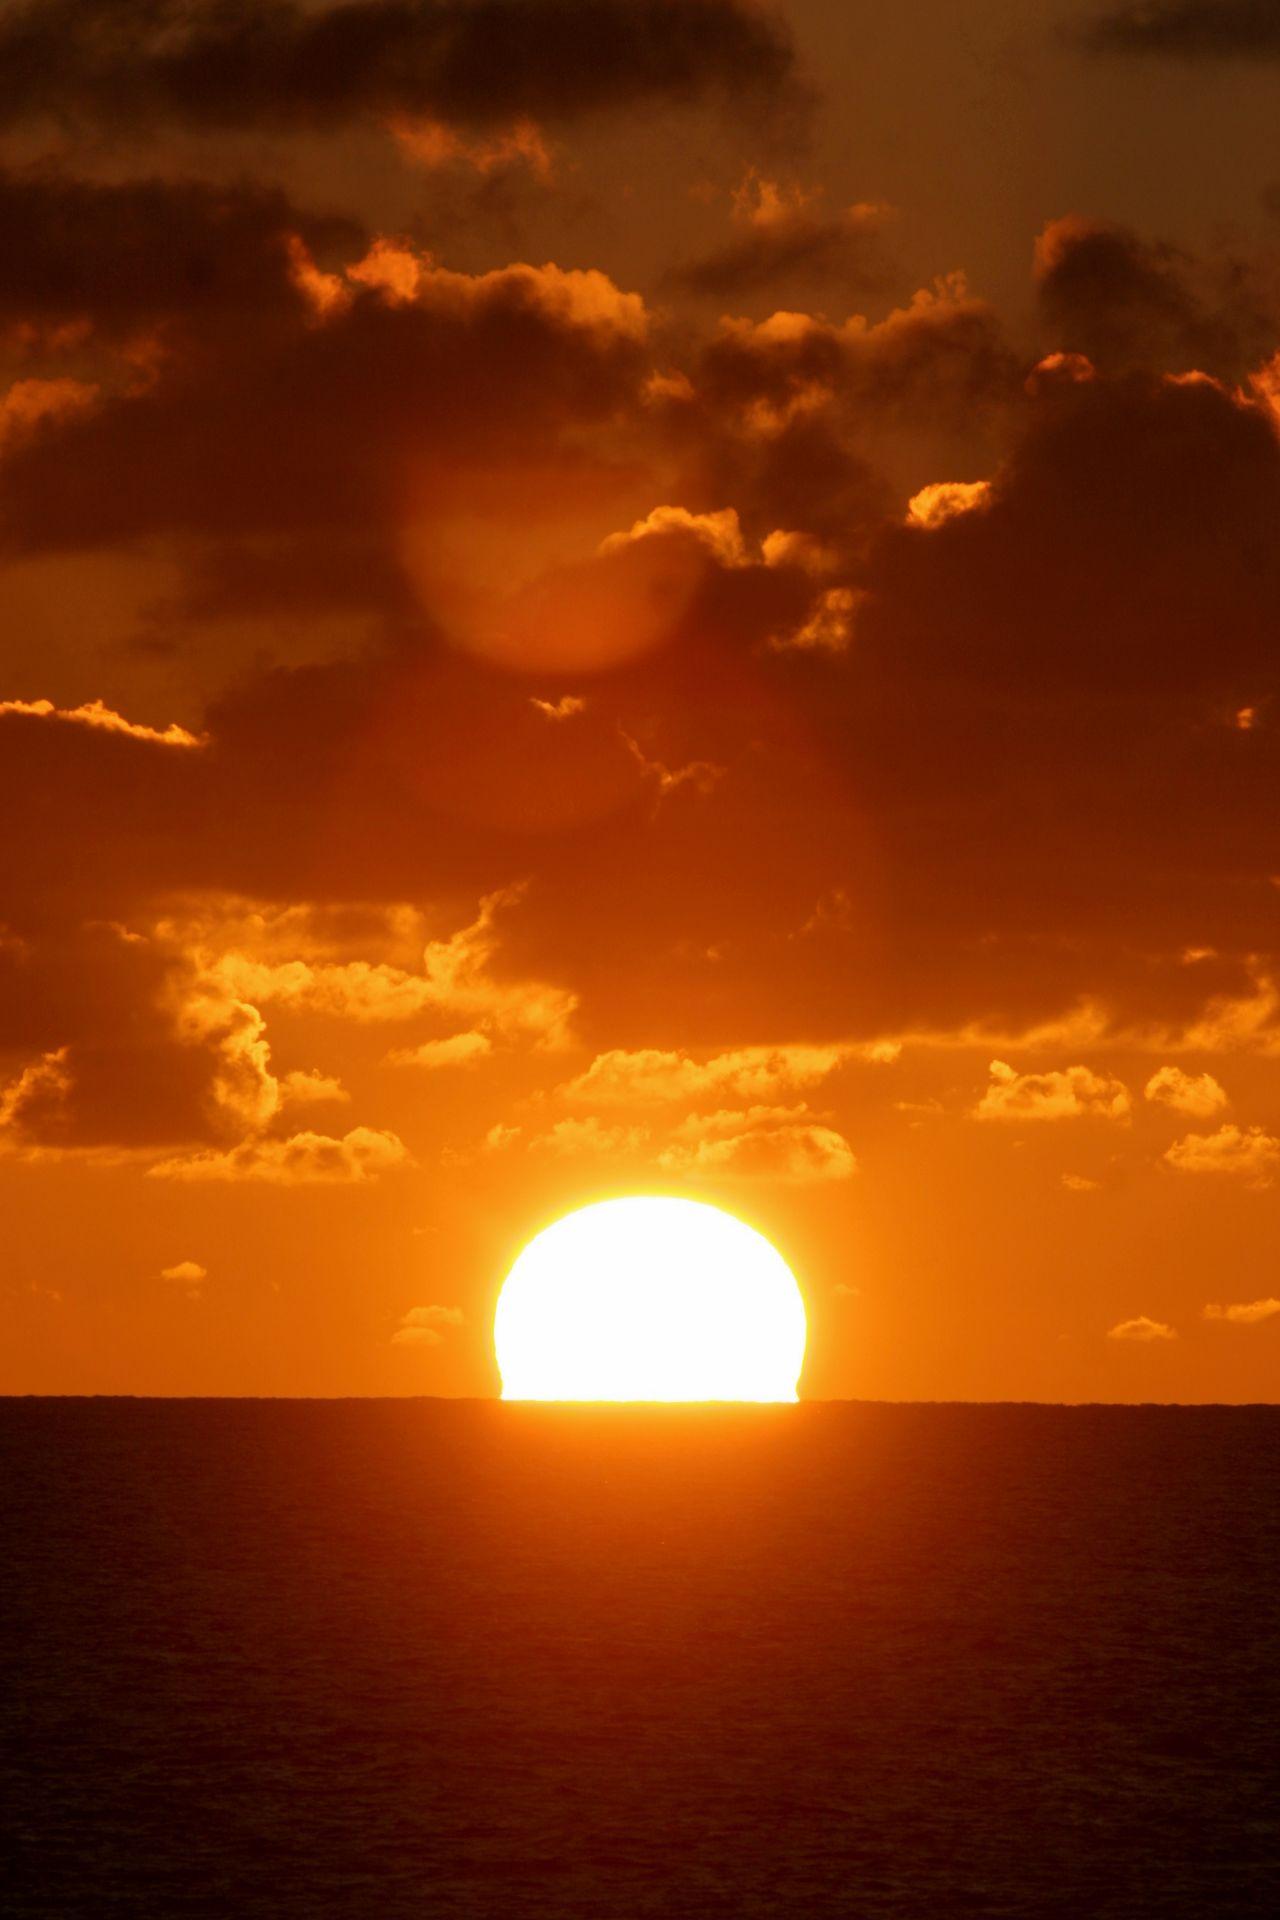 Beauty In Nature Cloud - Sky Dramatic Sky Nature No People Orange Color Scenics Sea Sky Sun Sun Rise Sunlight